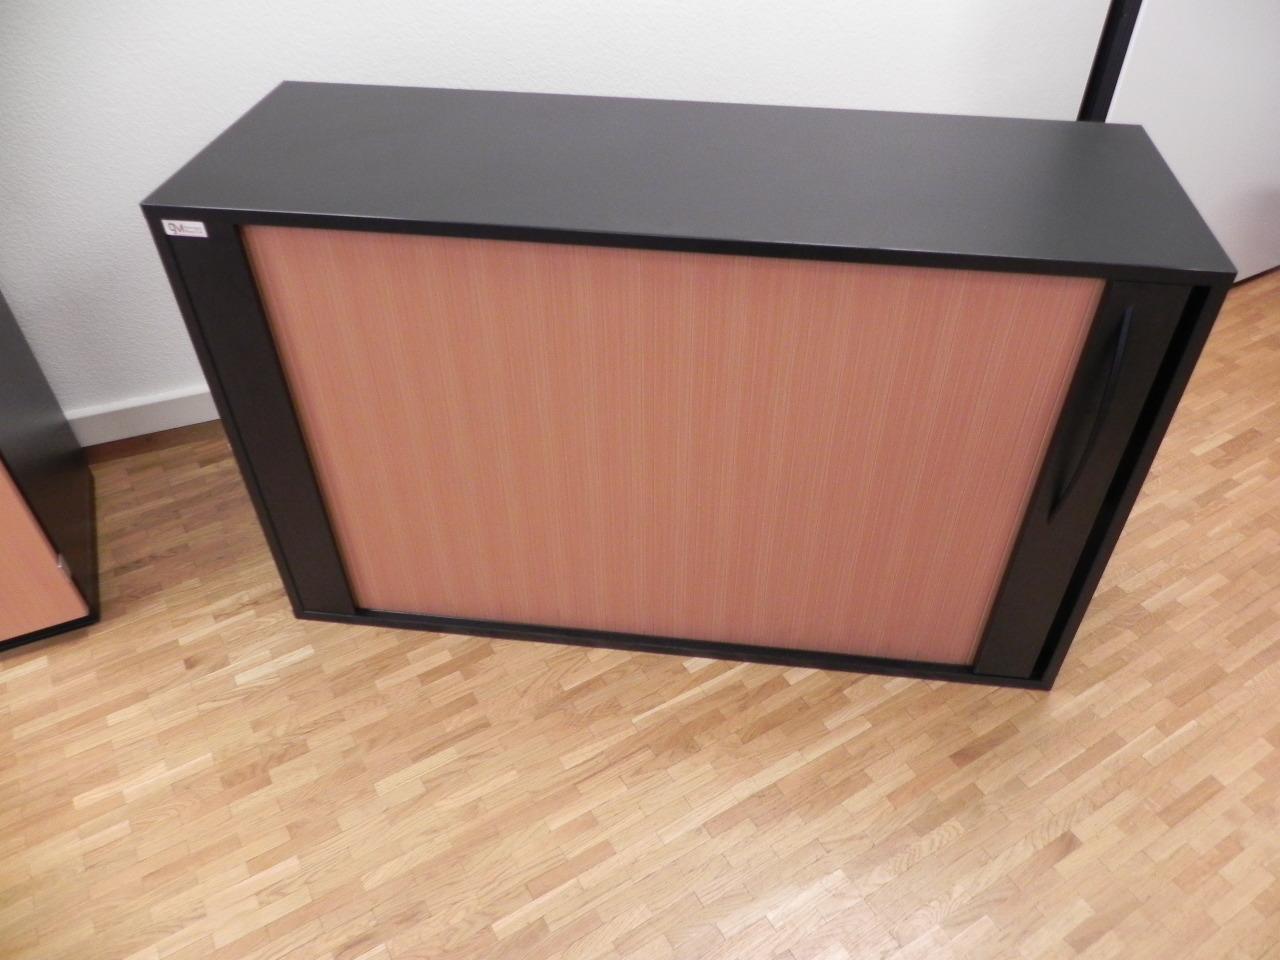 Meubles professionnels echo lot bureau meuble bas armoire